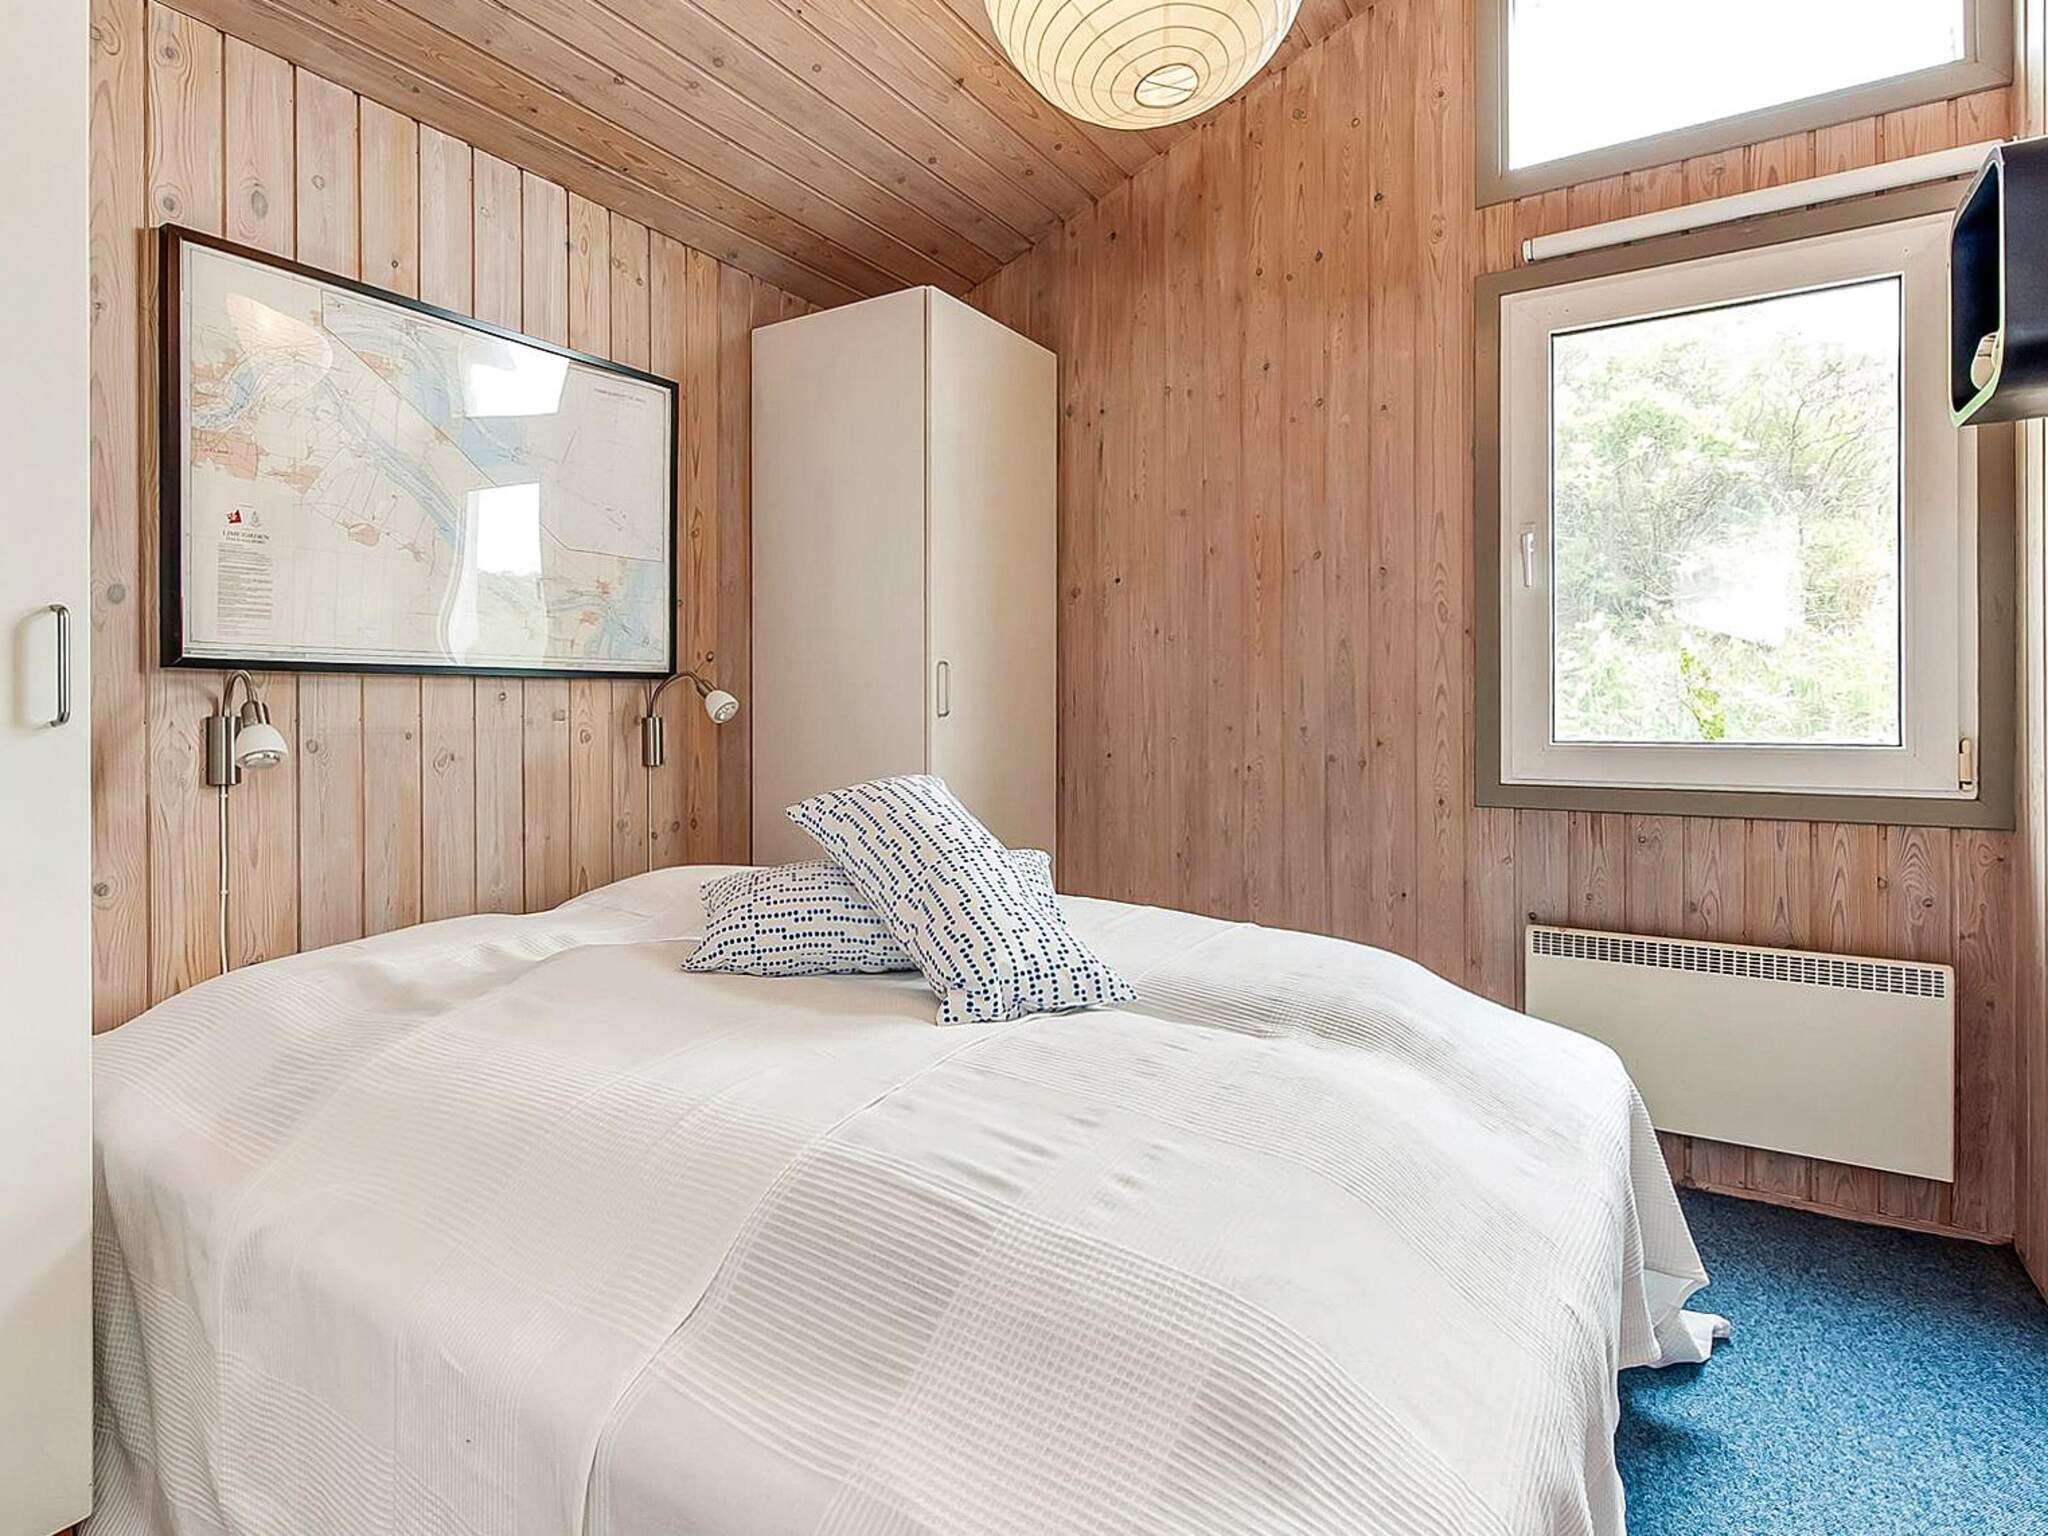 Ferienhaus Saltum Strand (84605), Saltum, , Nordwestjütland, Dänemark, Bild 13